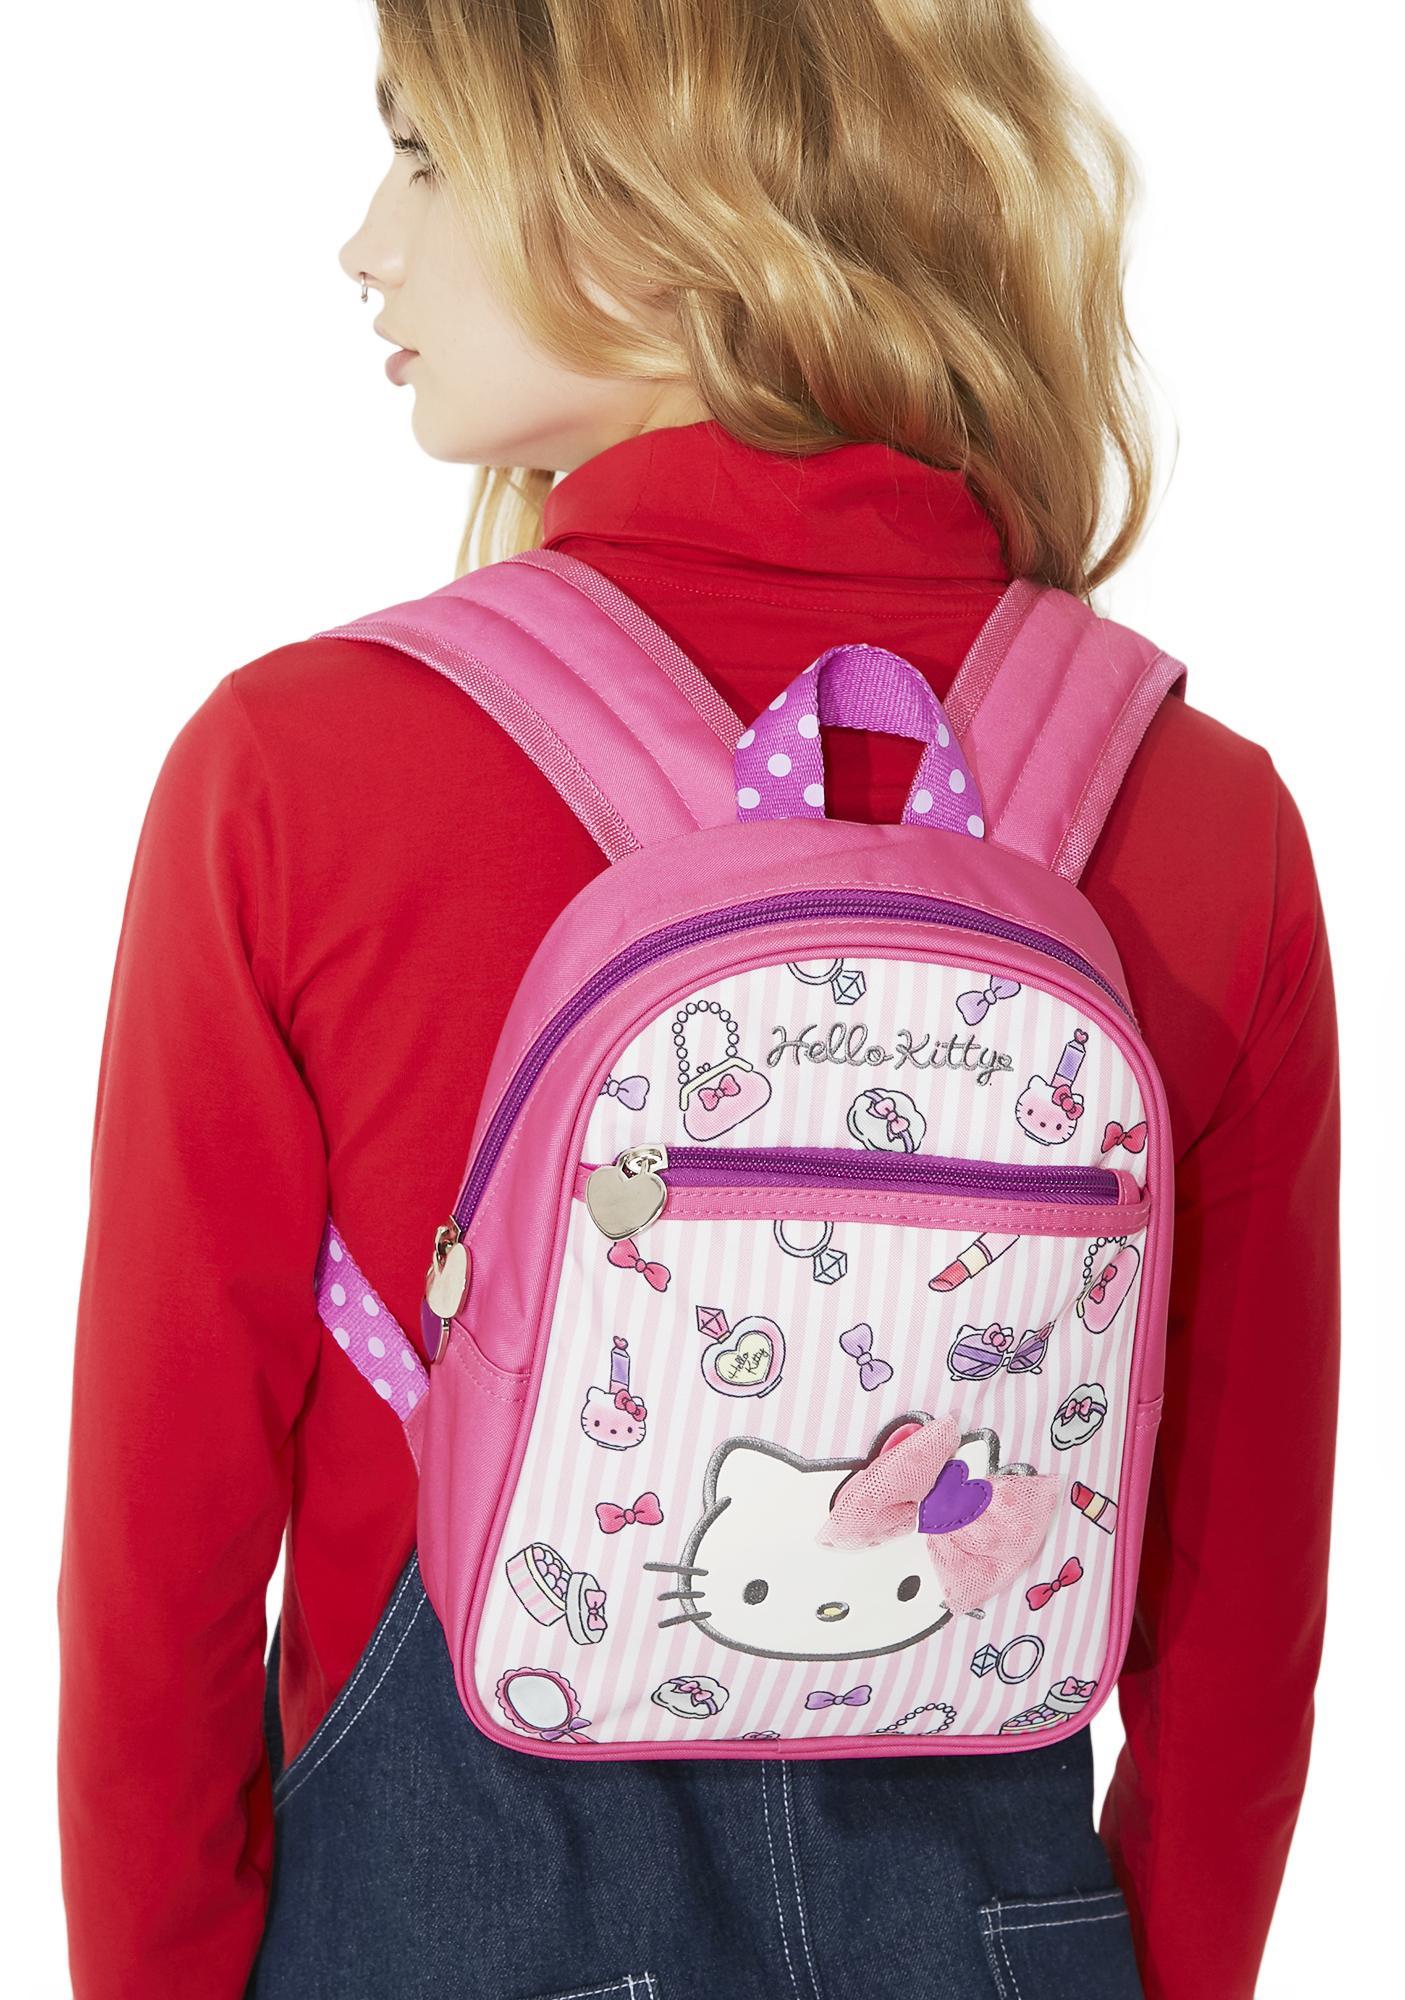 Sanrio Royal Petite Backpack